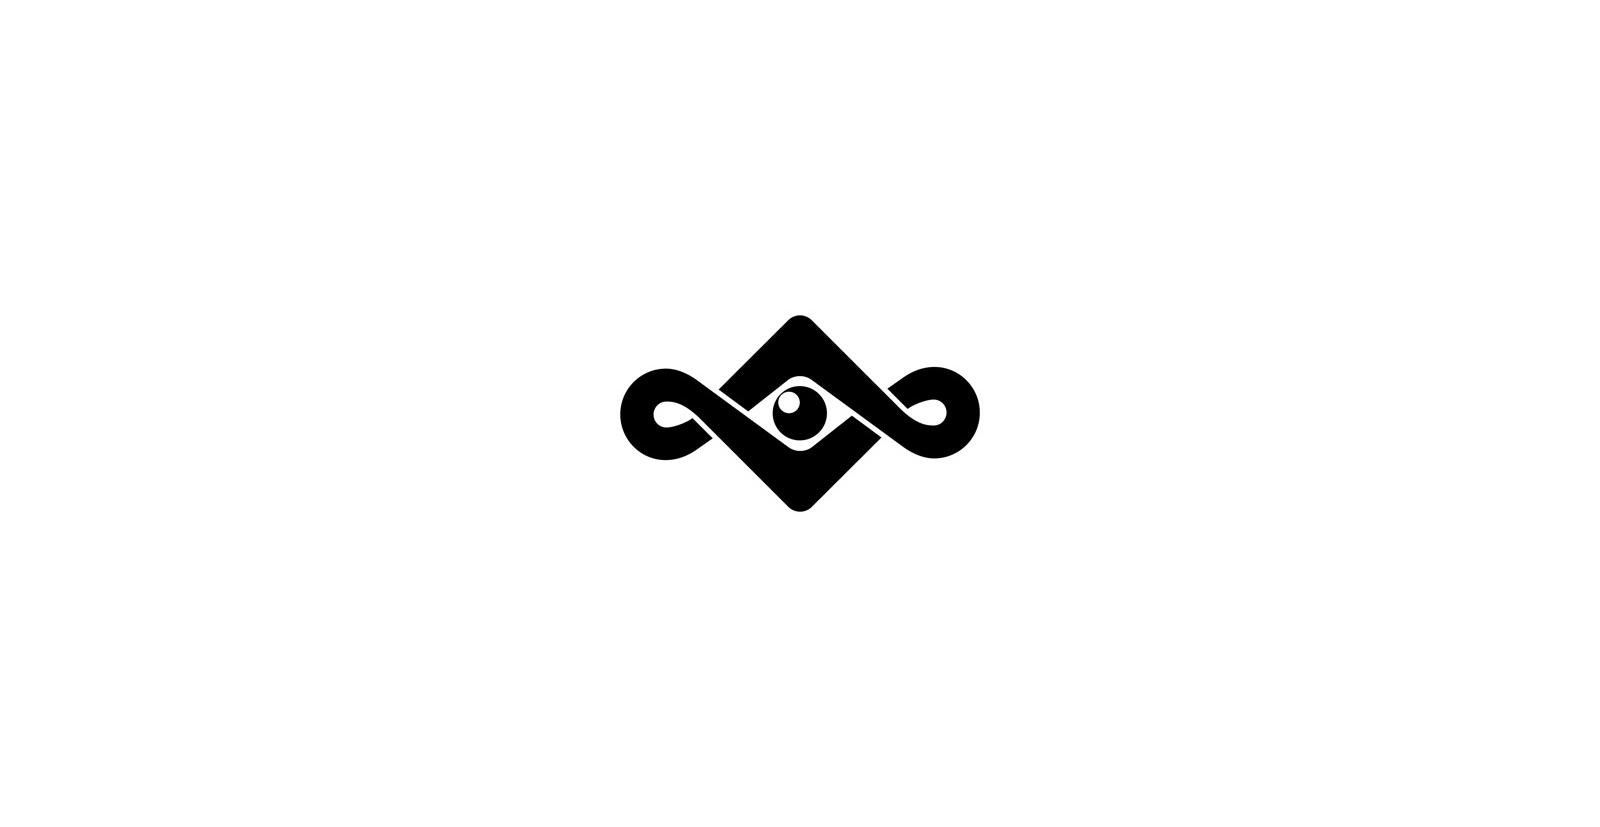 50_logos-43